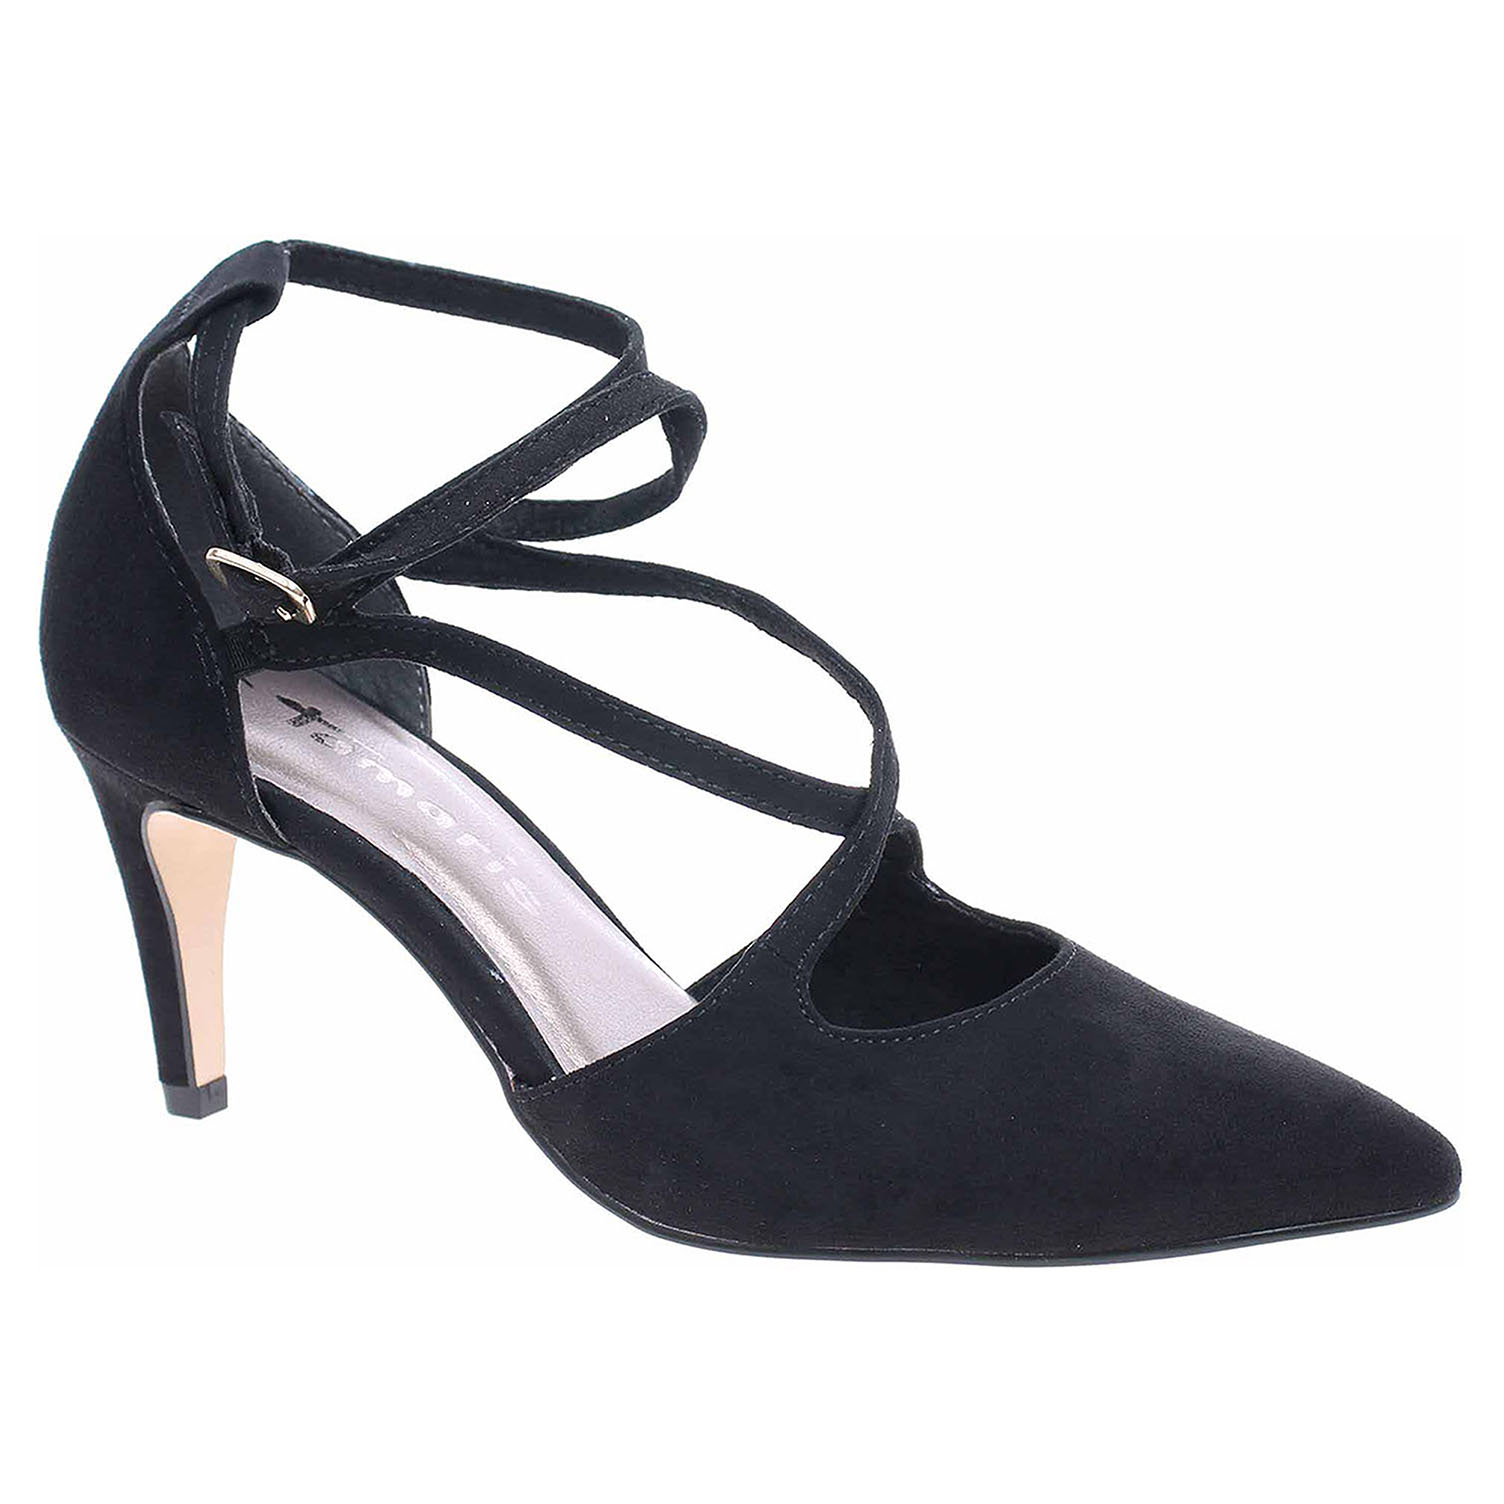 Dámská společenská obuv Tamaris 1-24440-23 black 1-1-24440-23 001 40